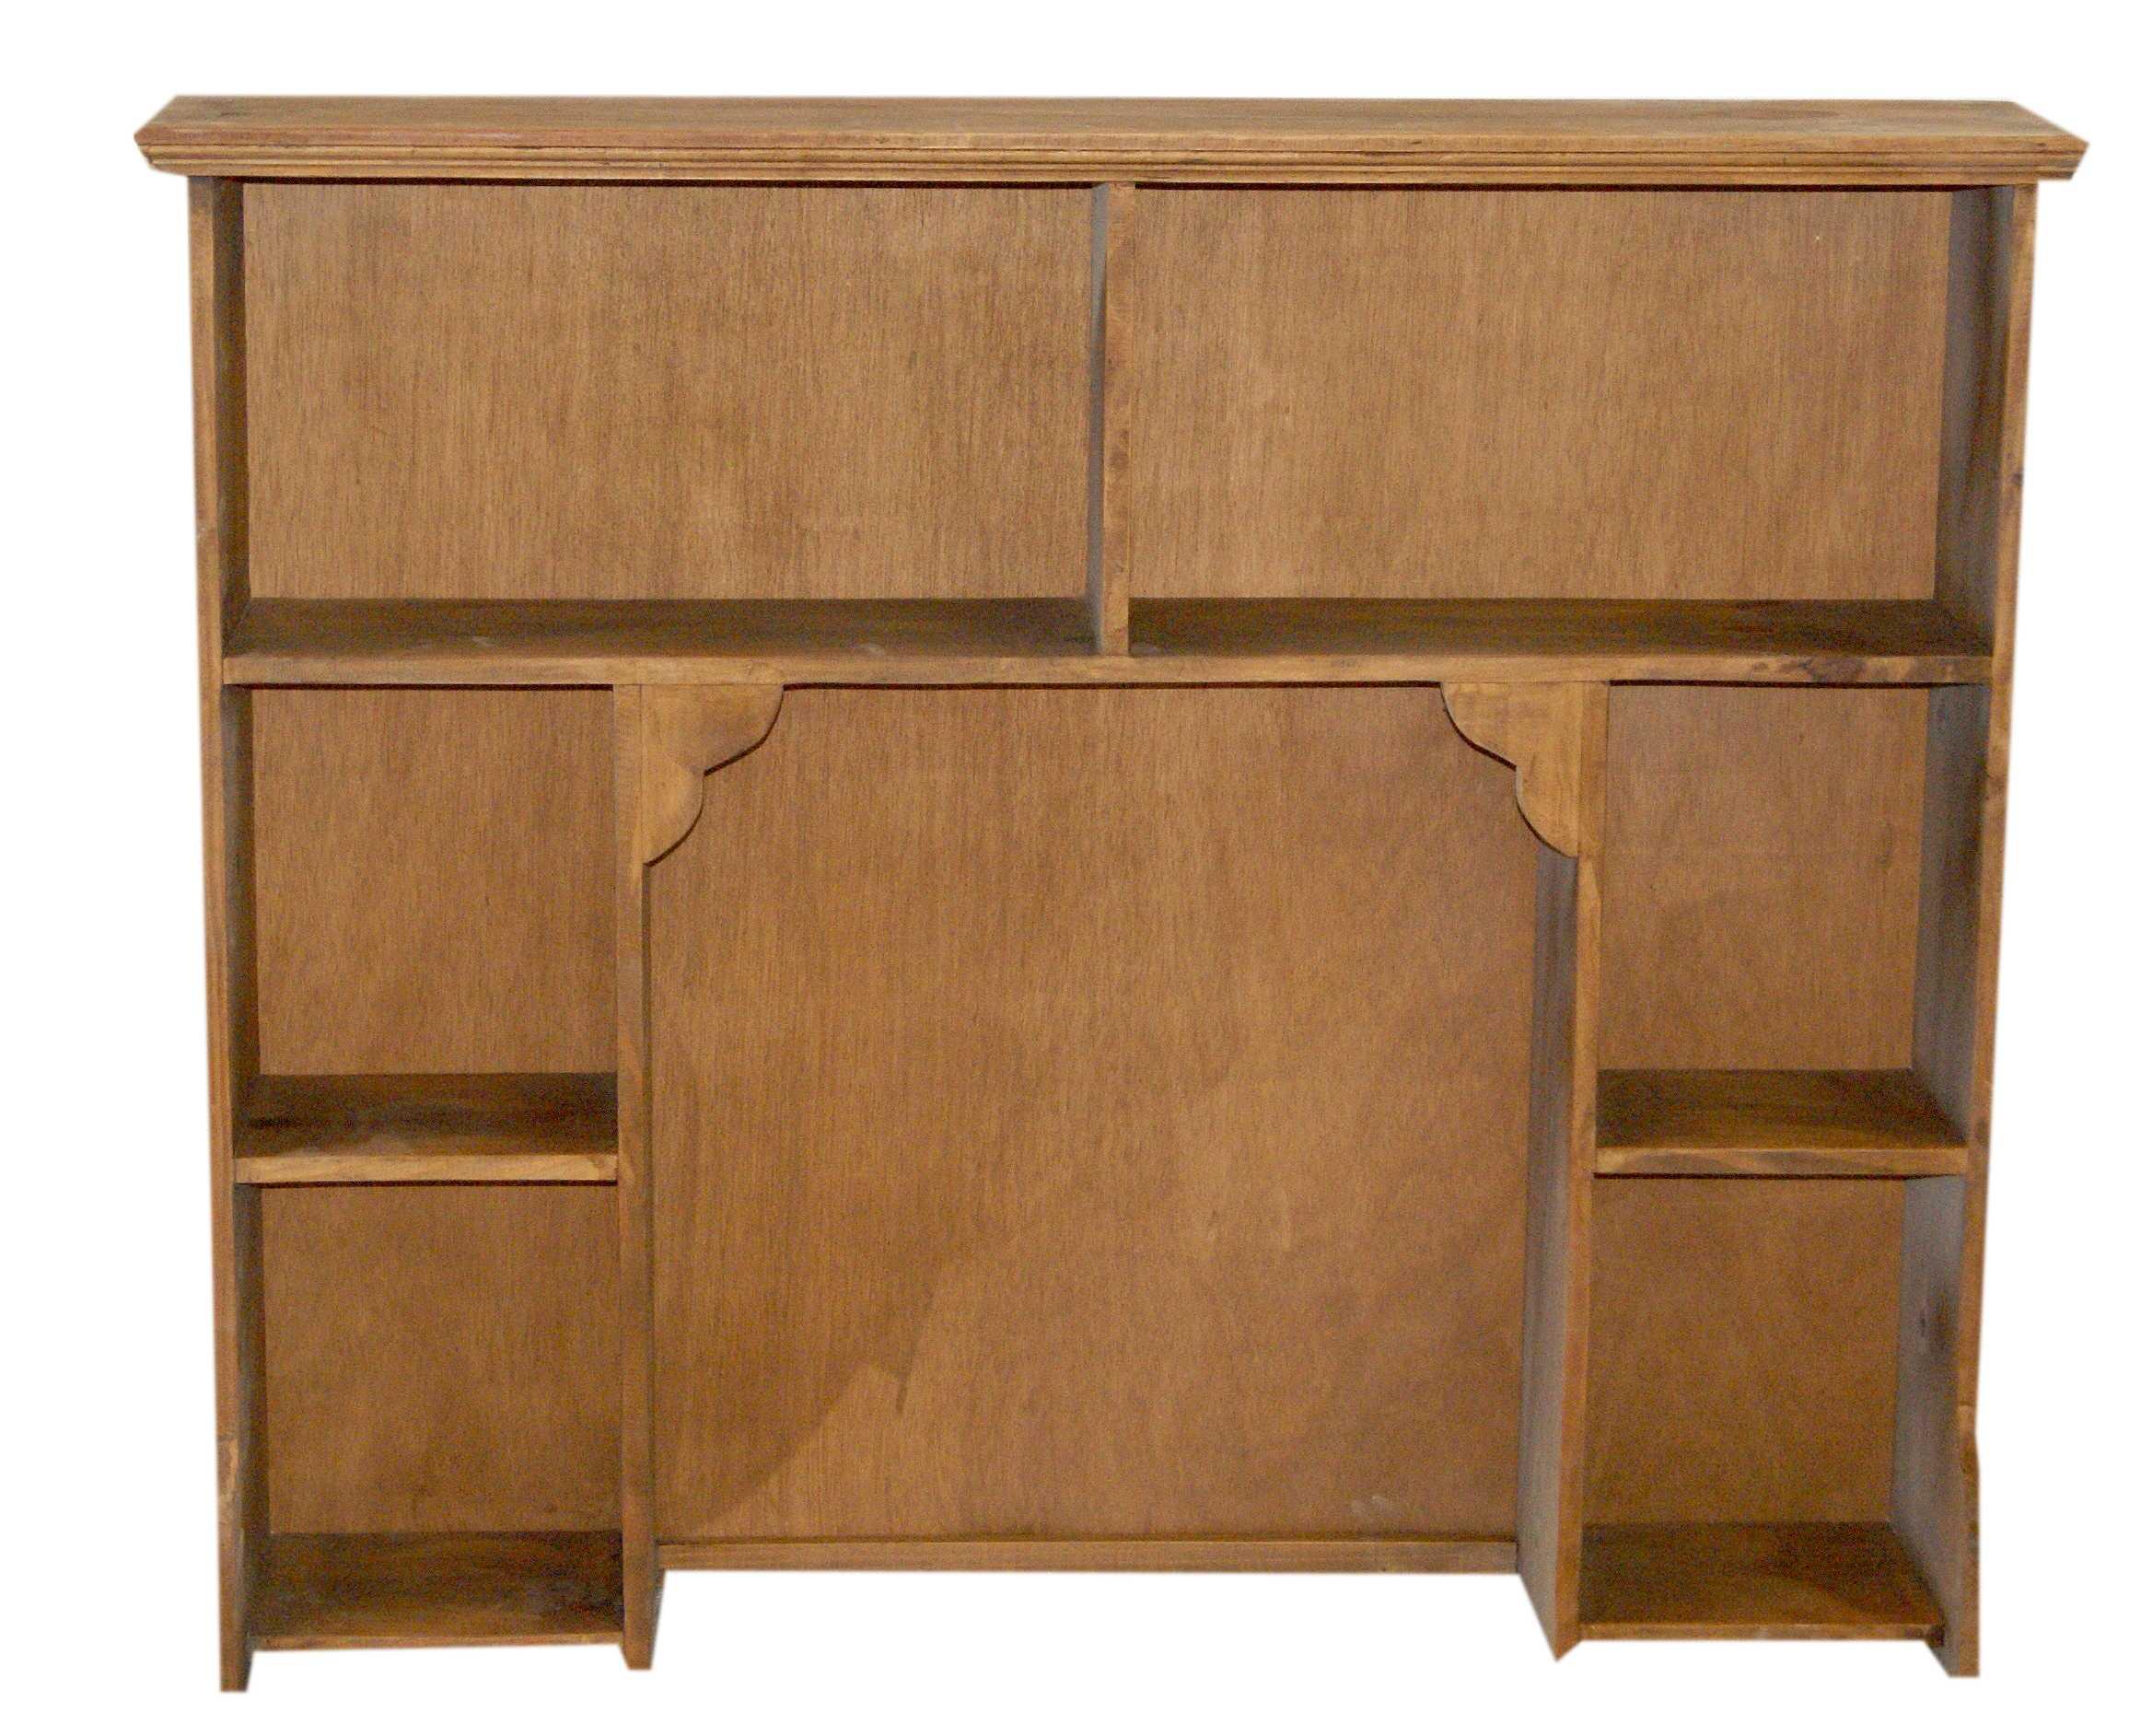 Muebles rusticos puebla obtenga ideas dise o de muebles for Idea muebles puebla